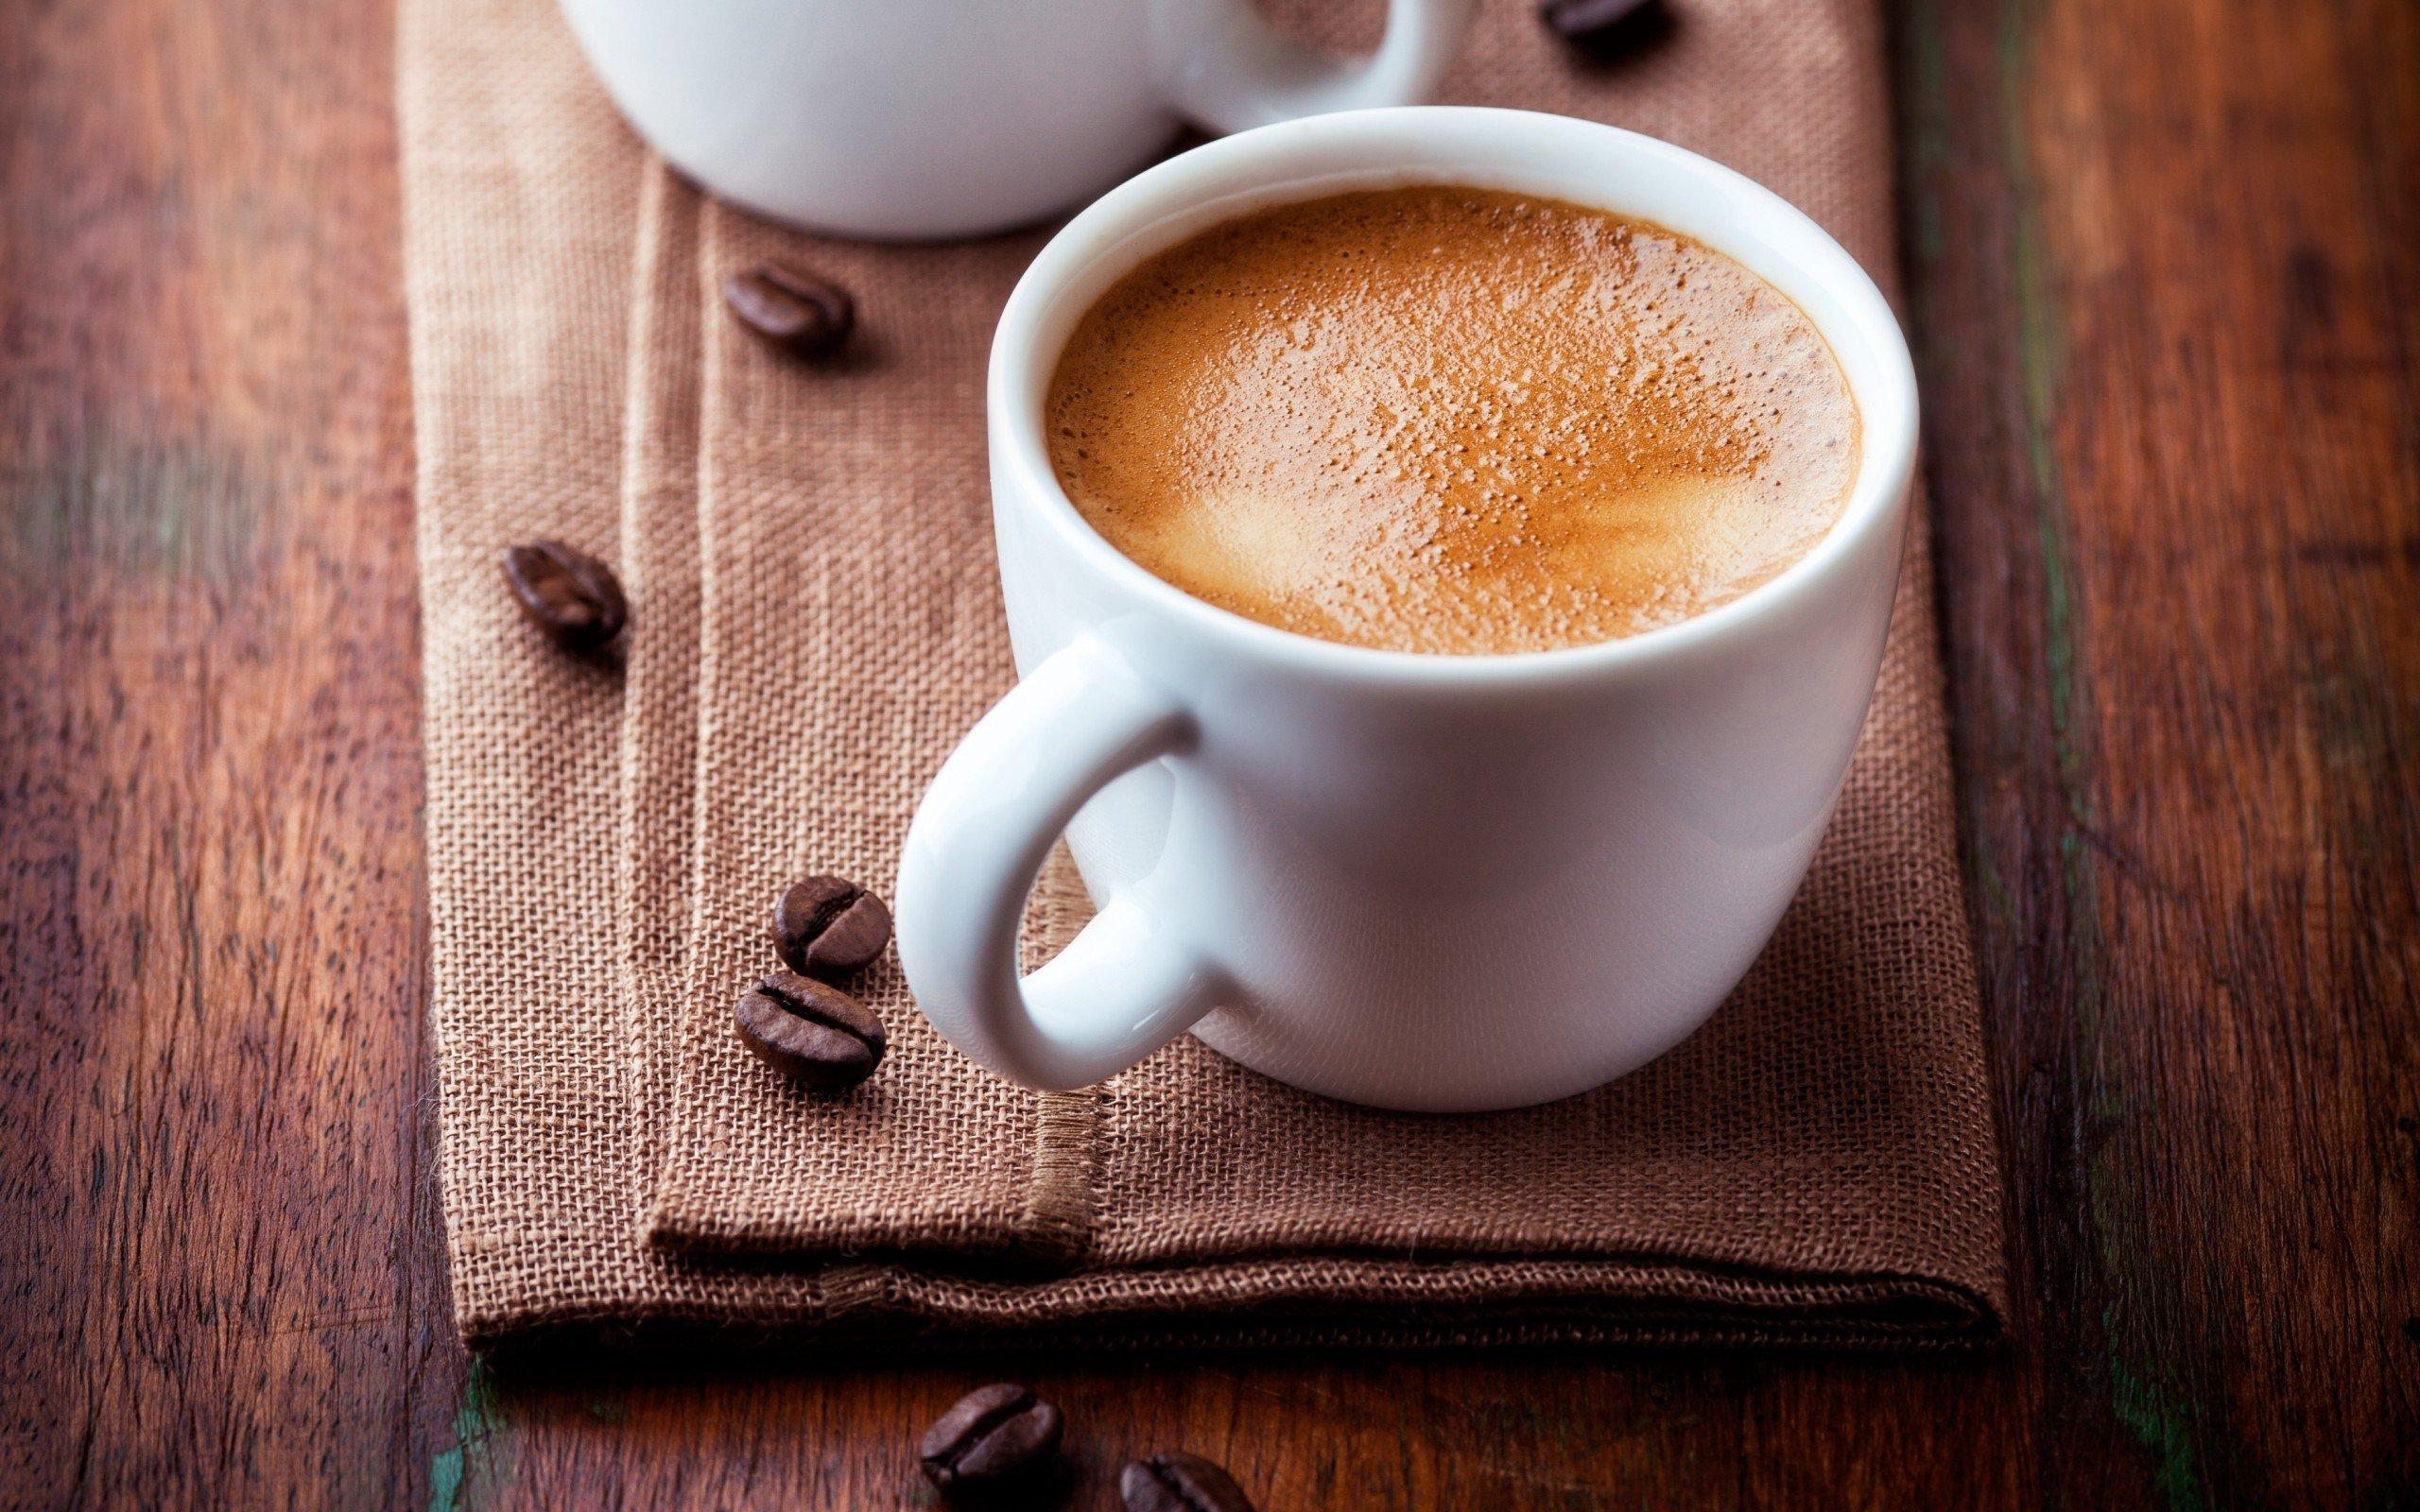 фото чашка утреннего кофе с ним